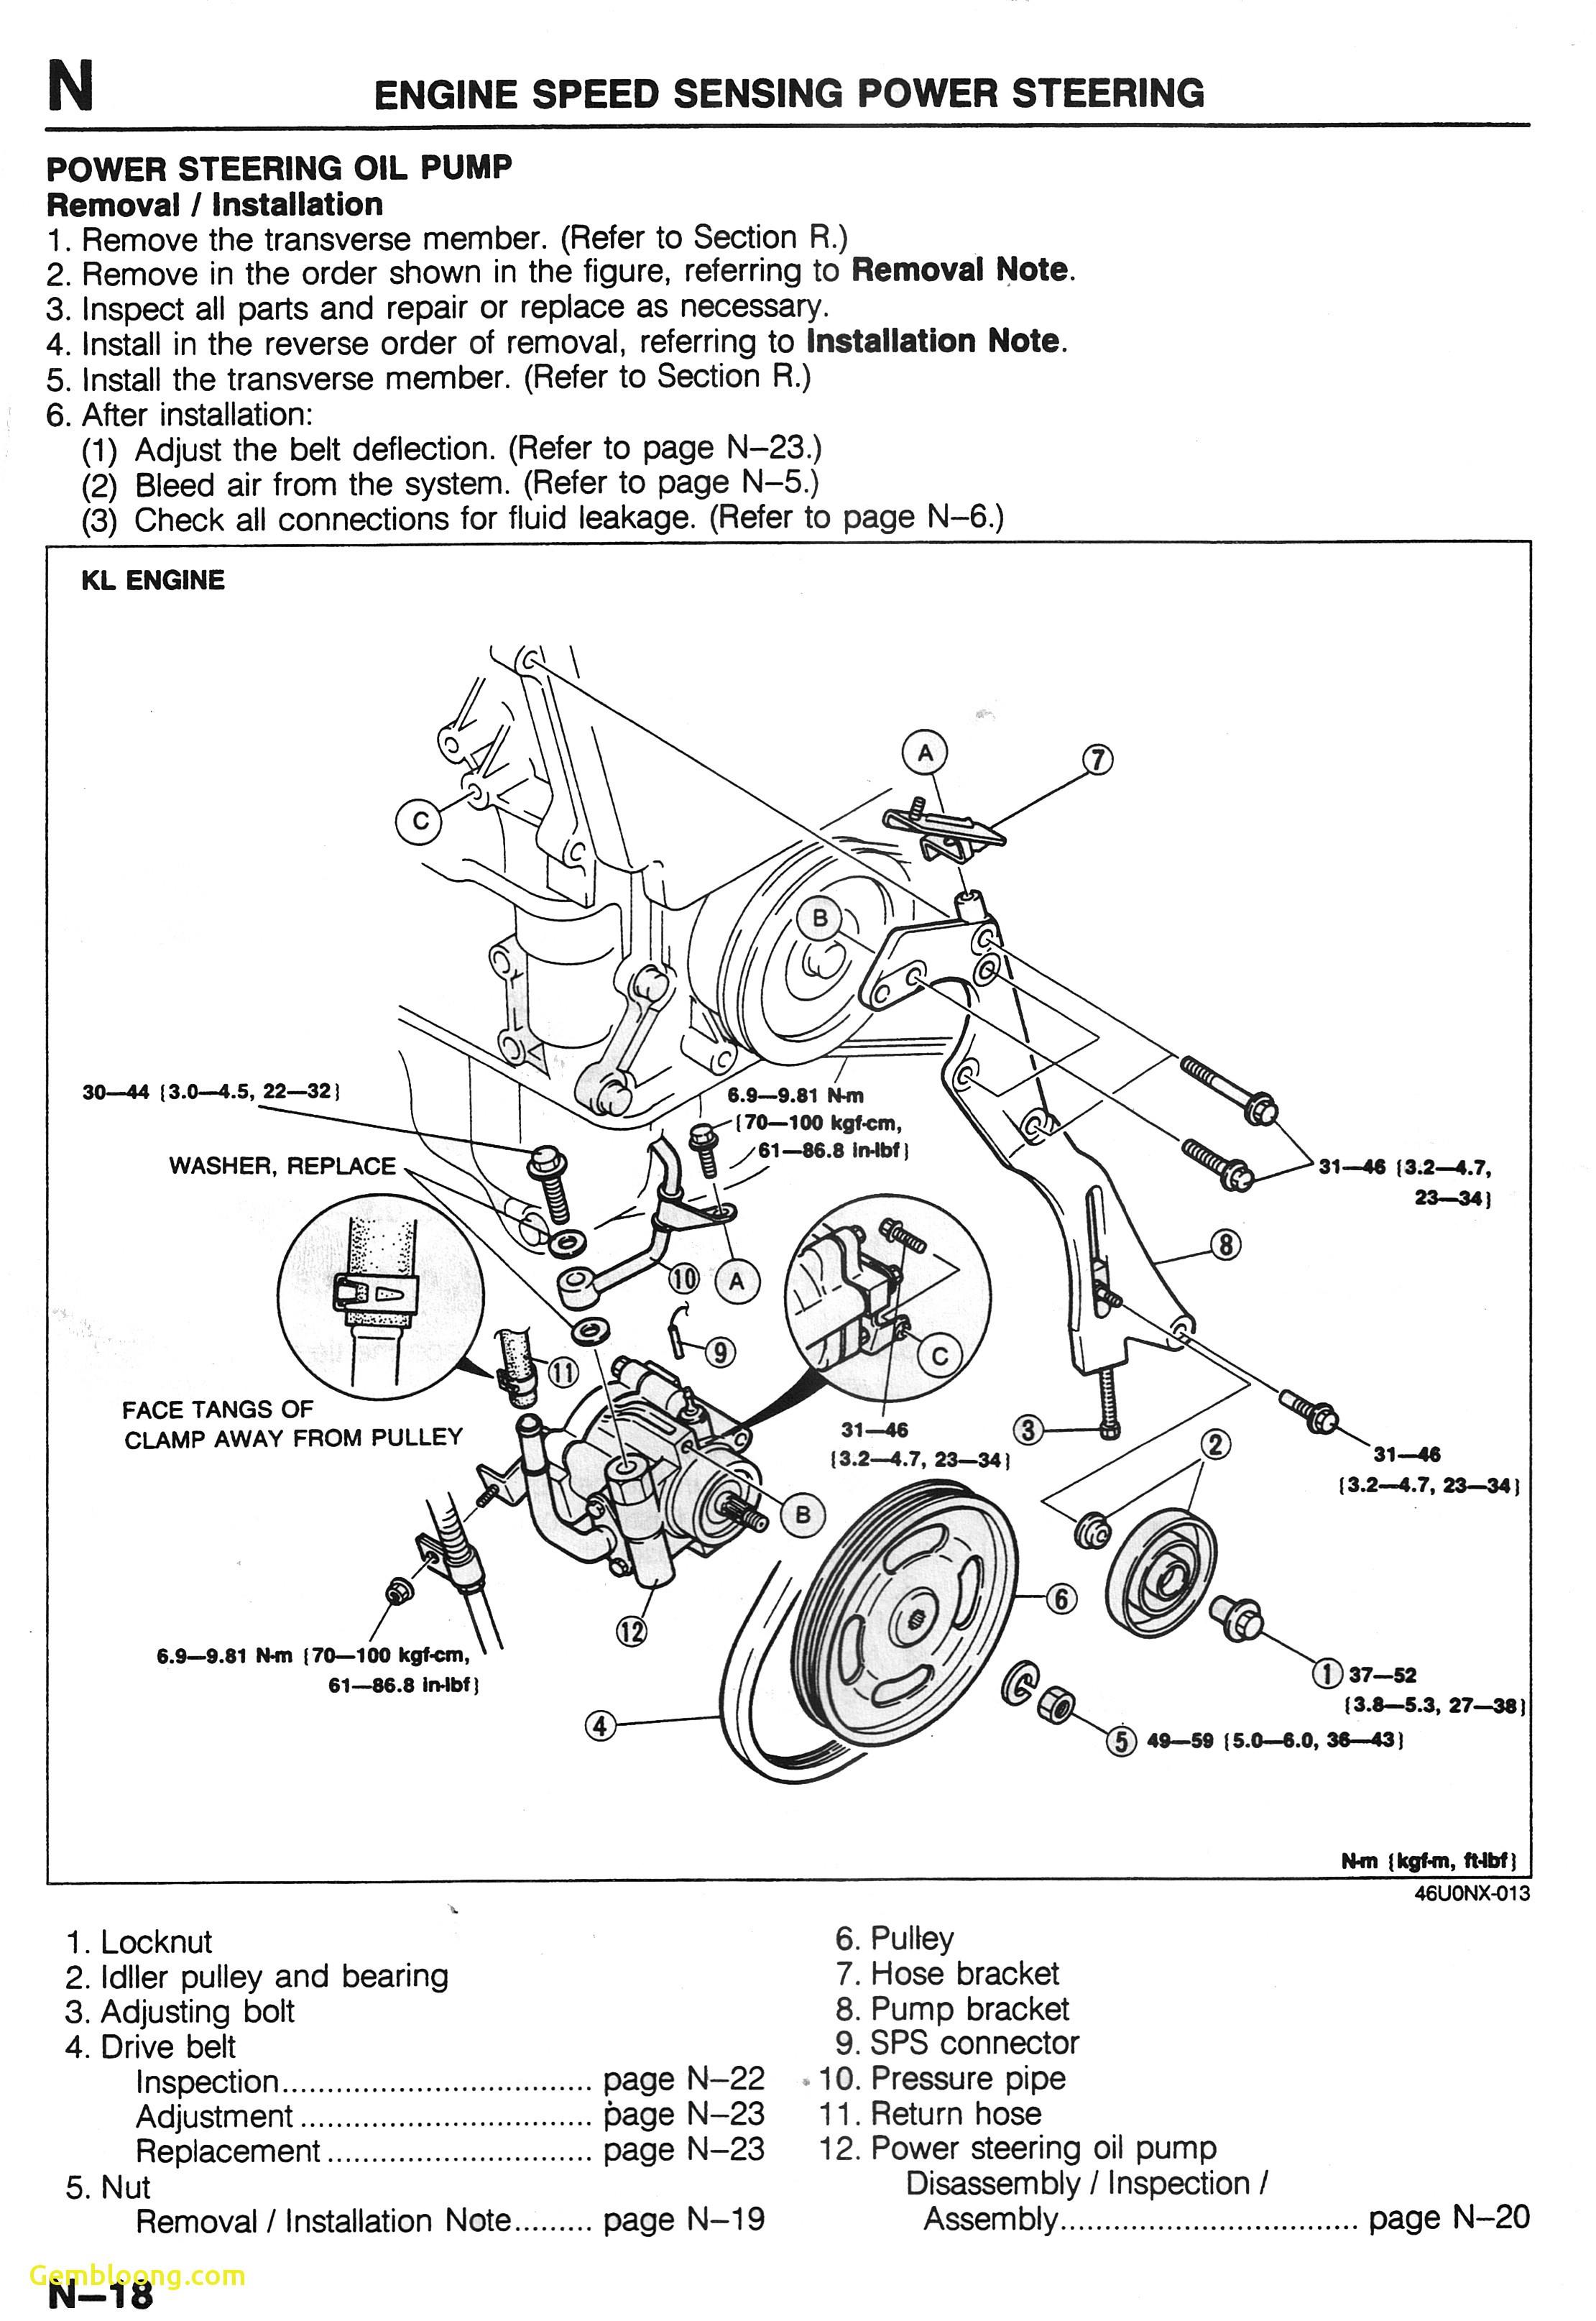 2002 Mazda Tribute Engine Diagram 2002 Mazda Millenia Engine Diagram Of 2002 Mazda Tribute Engine Diagram